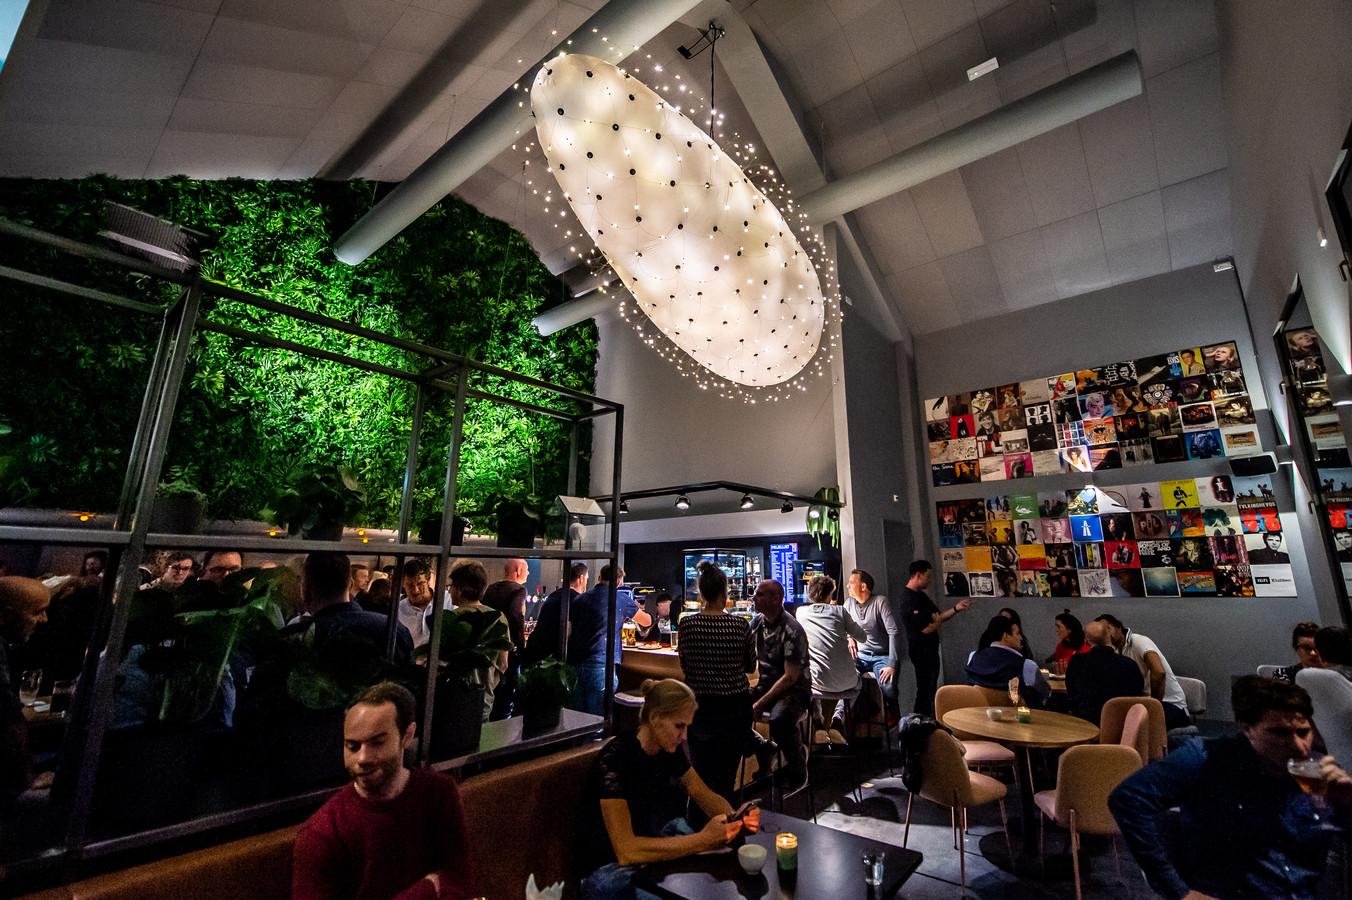 In de nok van het nieuwe Popcafé van Mezz hangt een grote lamp in een zeppelinvorm.